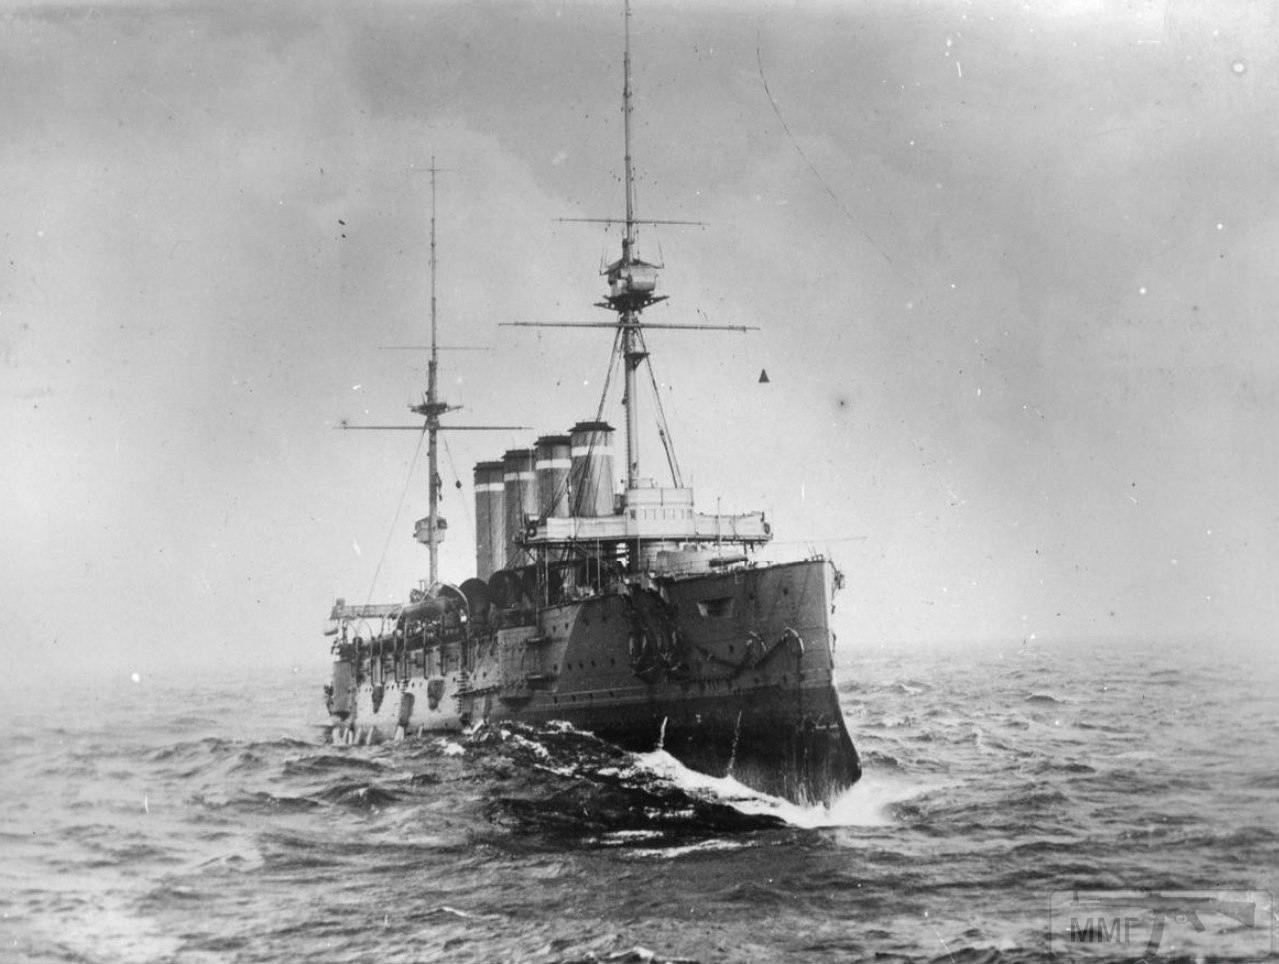 25740 - Броненосцы, дредноуты, линкоры и крейсера Британии